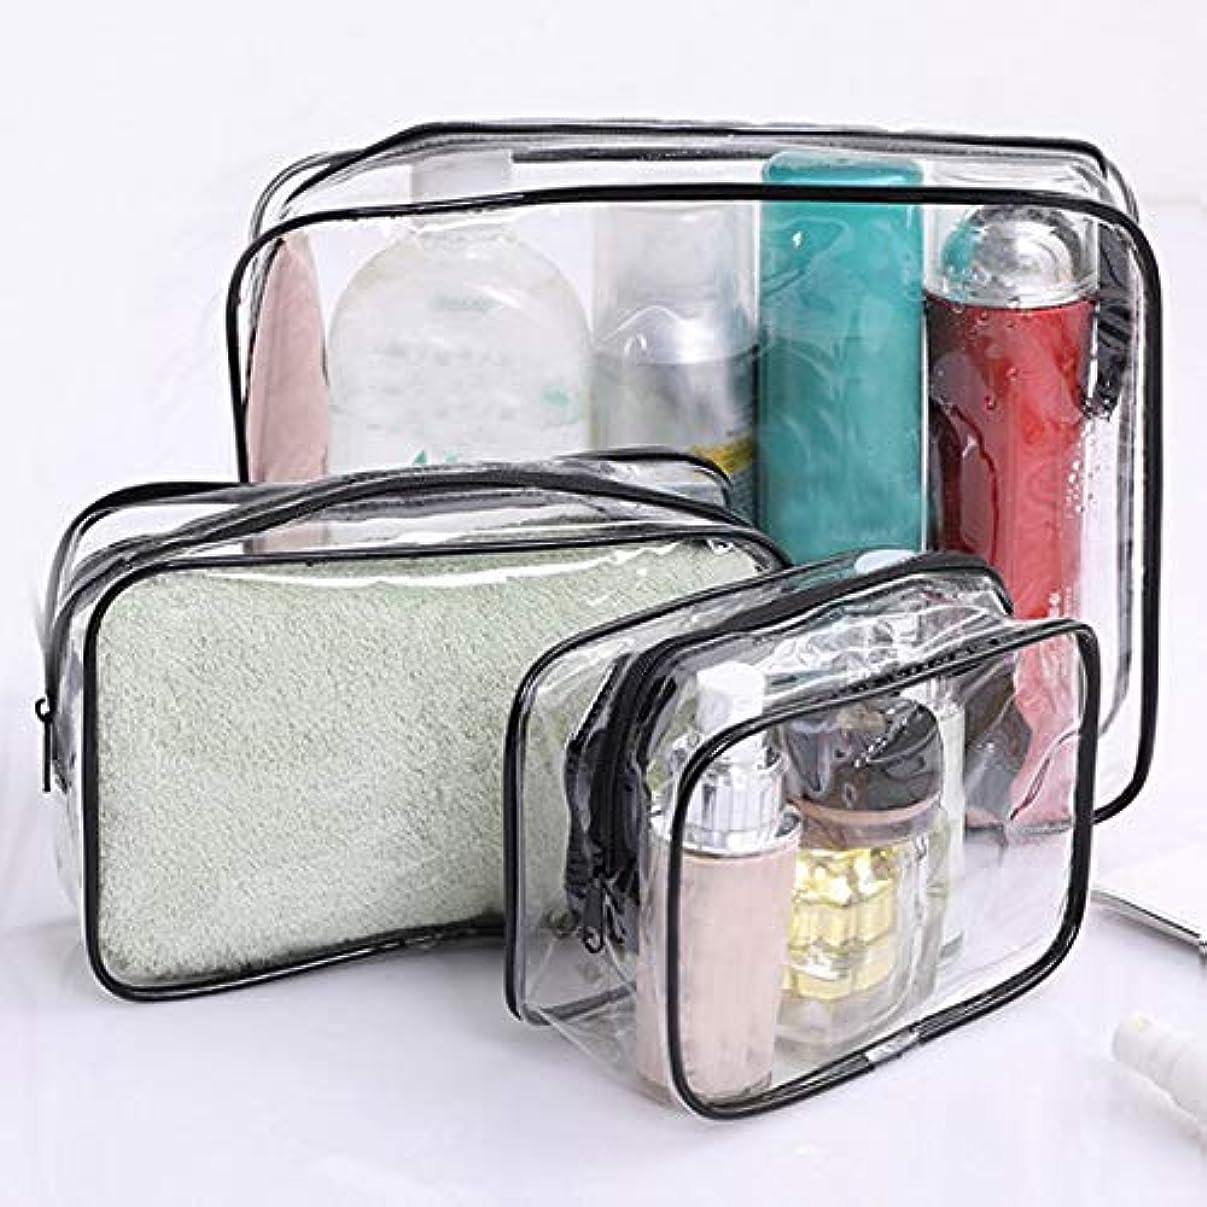 陪審蒸留する見捨てられた旅行透明化粧品袋pvc女性ジッパークリア化粧バッグ美容ケースメイクアップオーガナイザー収納風呂トイレタリーウォッシュバッグ